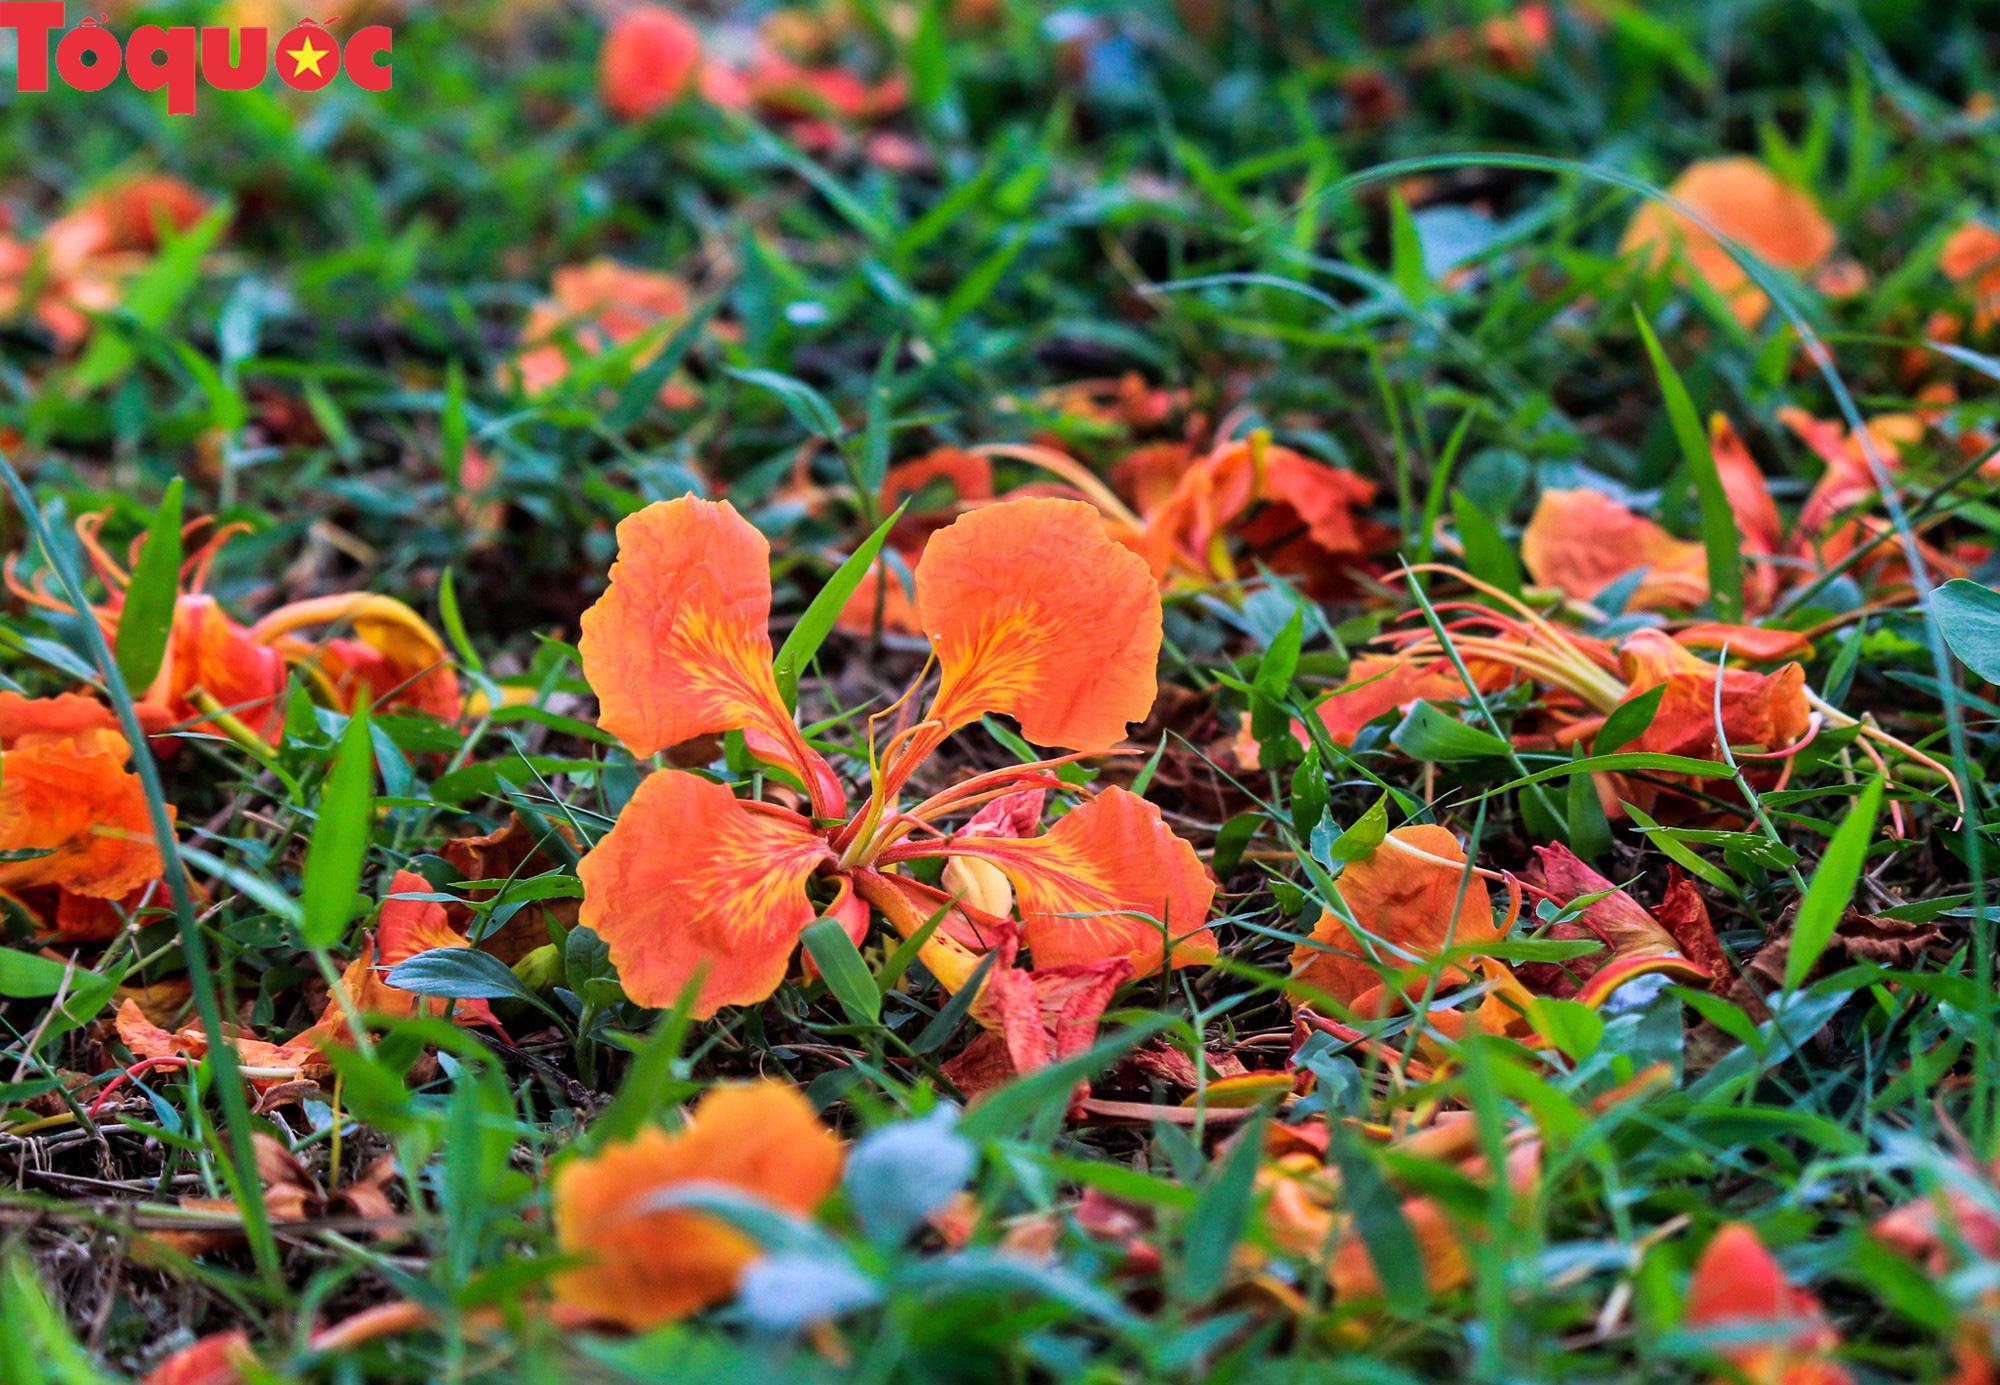 Đất trời xứ Huế đẹp rực rỡ trong mùa phượng vĩ nở hoa - Ảnh 8.